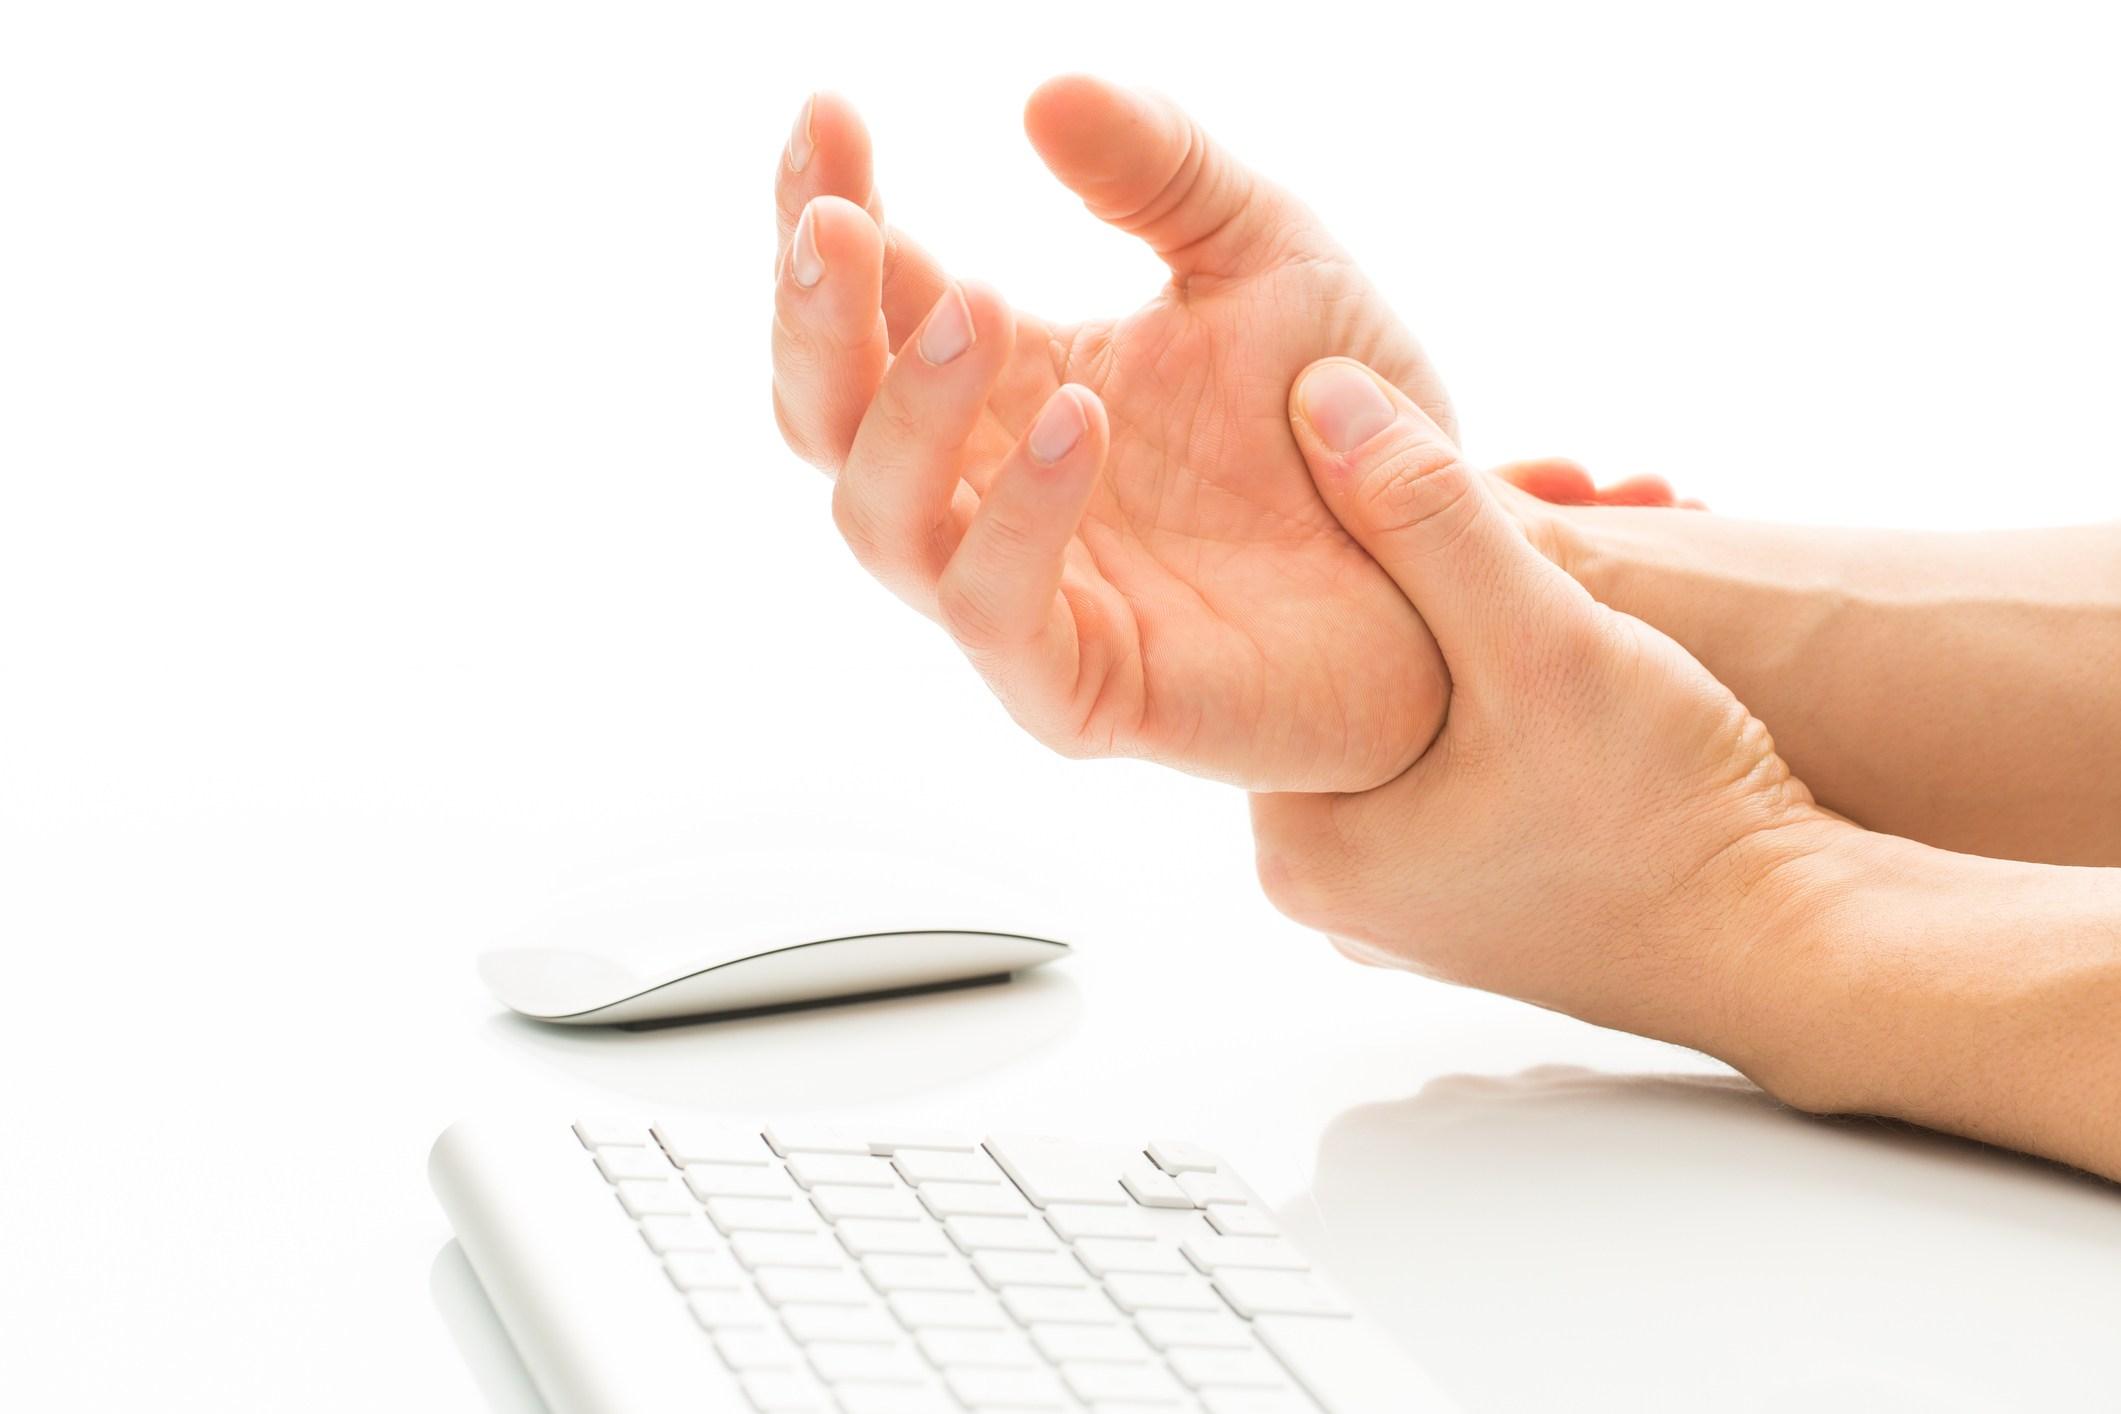 tratarea artritei cu sodă de coacere de ce doare articulația de pe cot